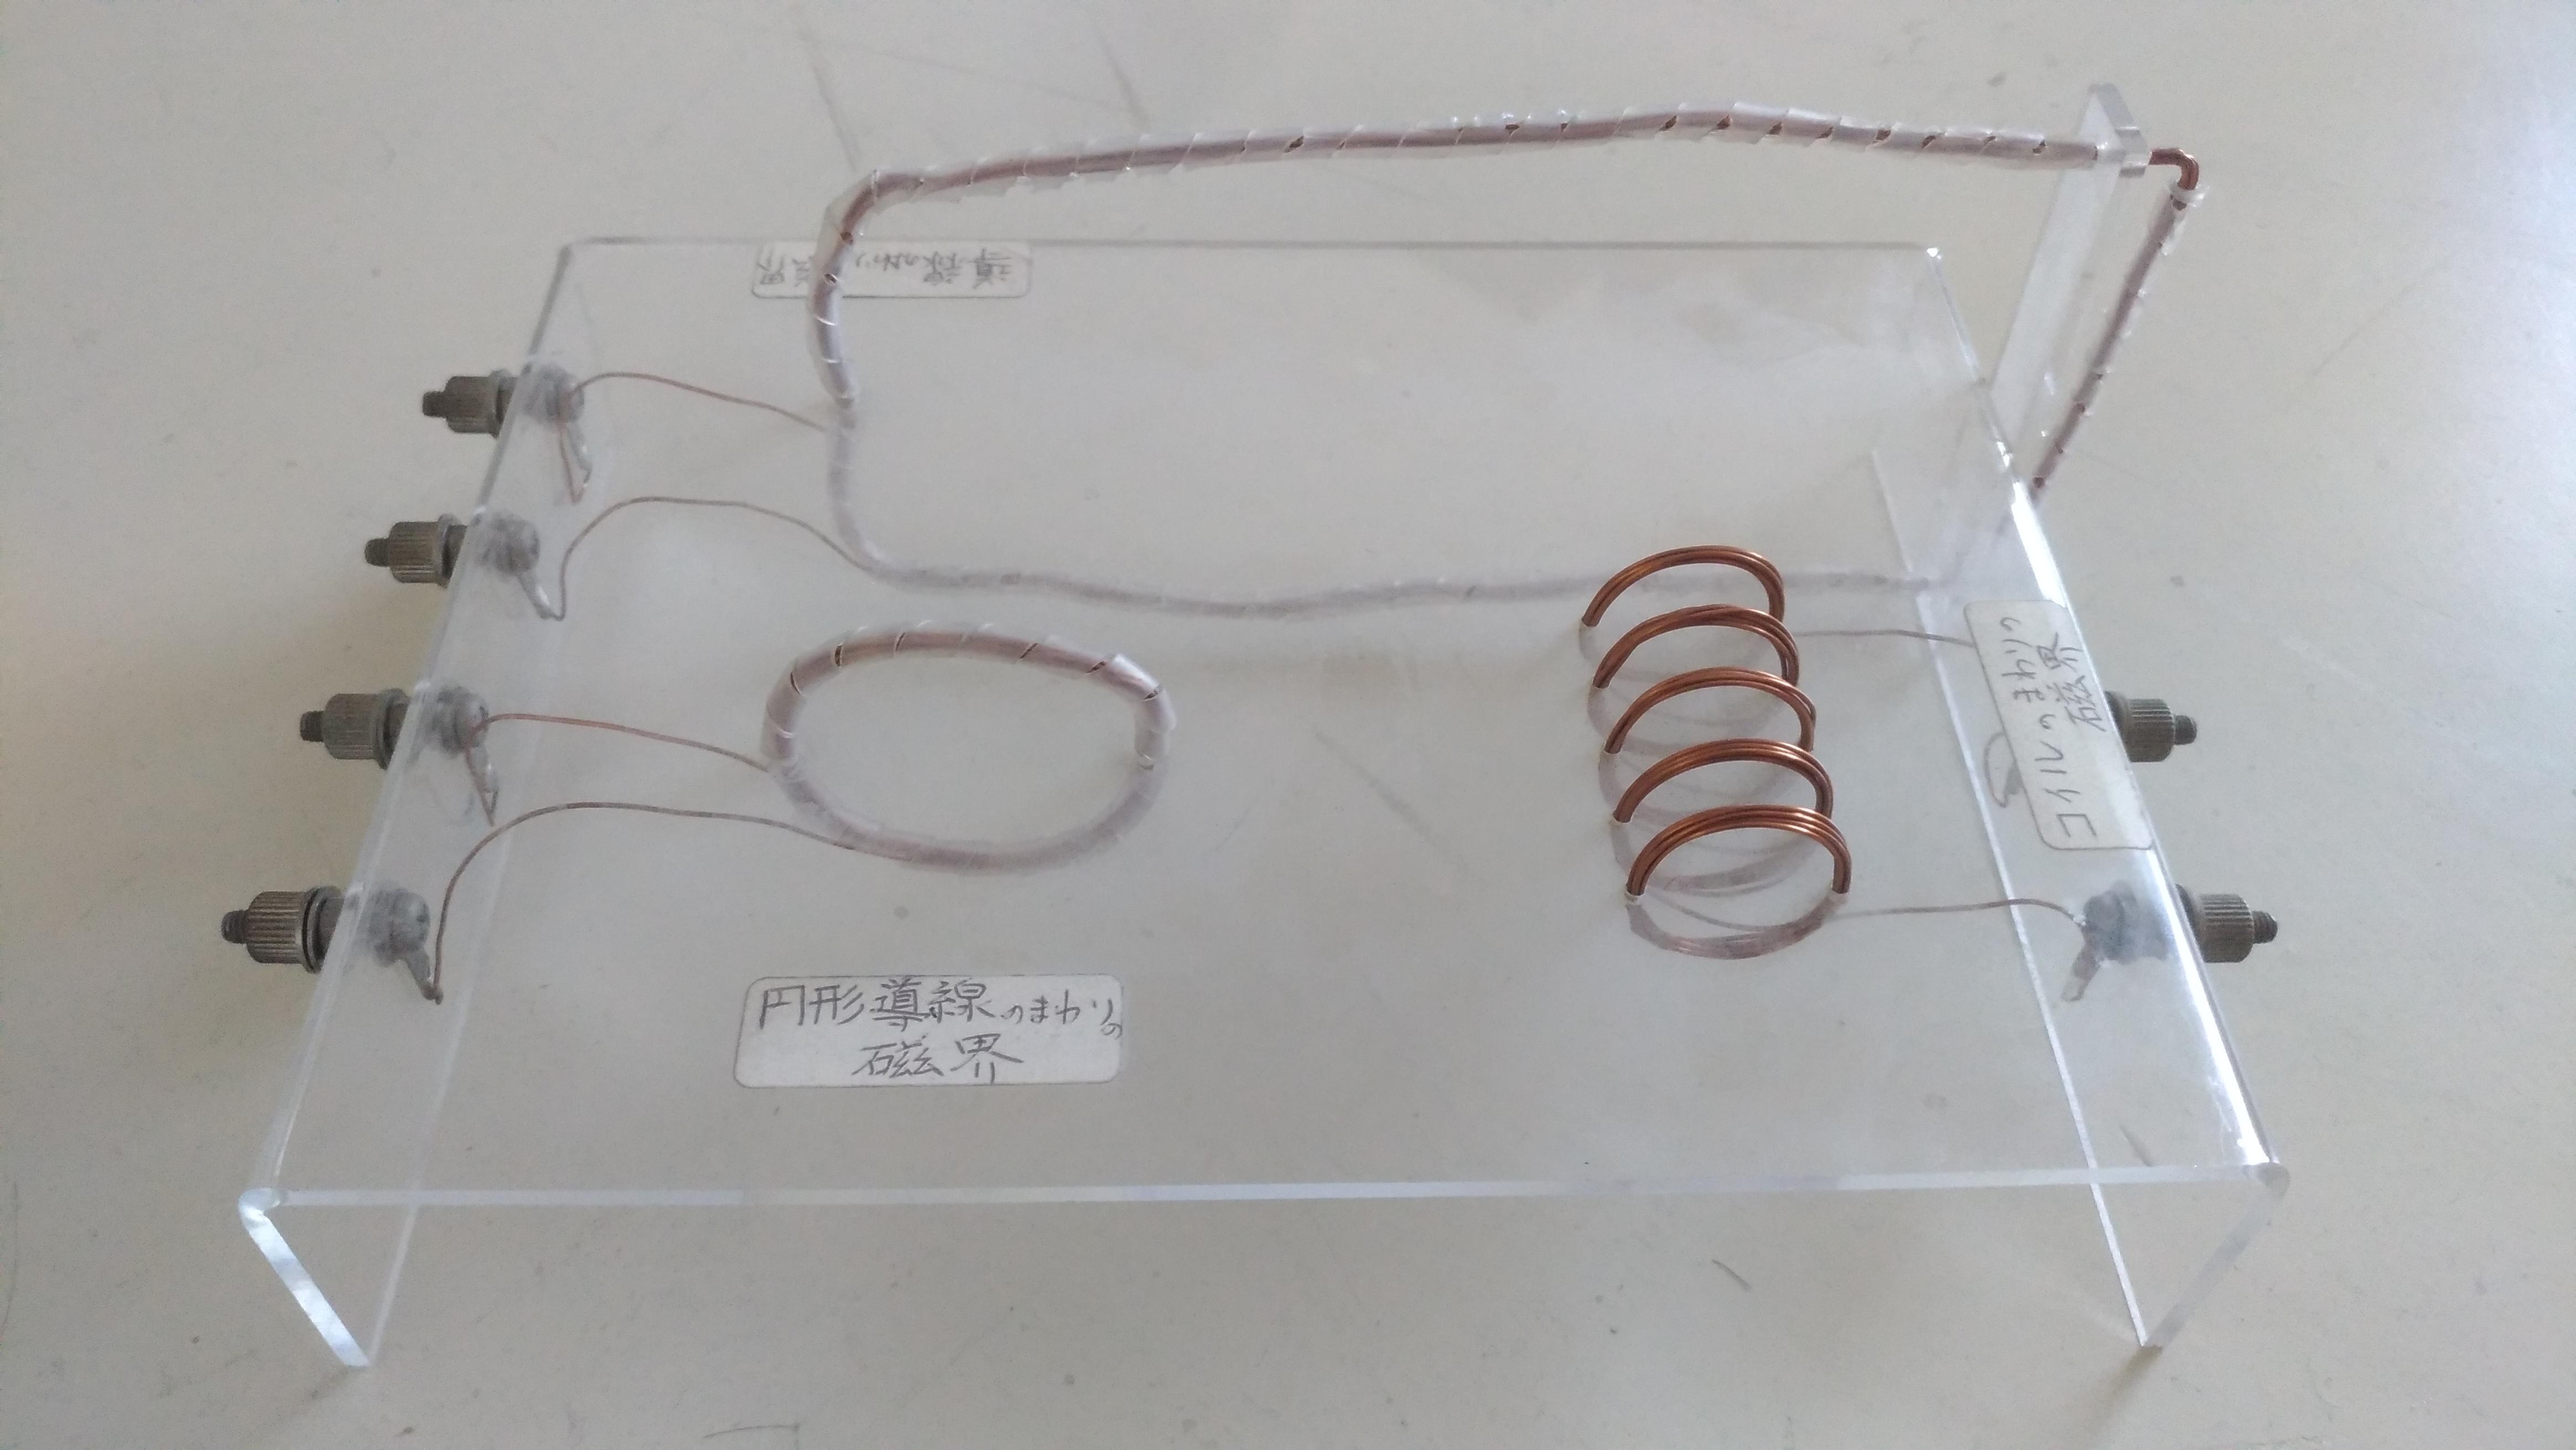 電流と磁界の関係を学べる教具